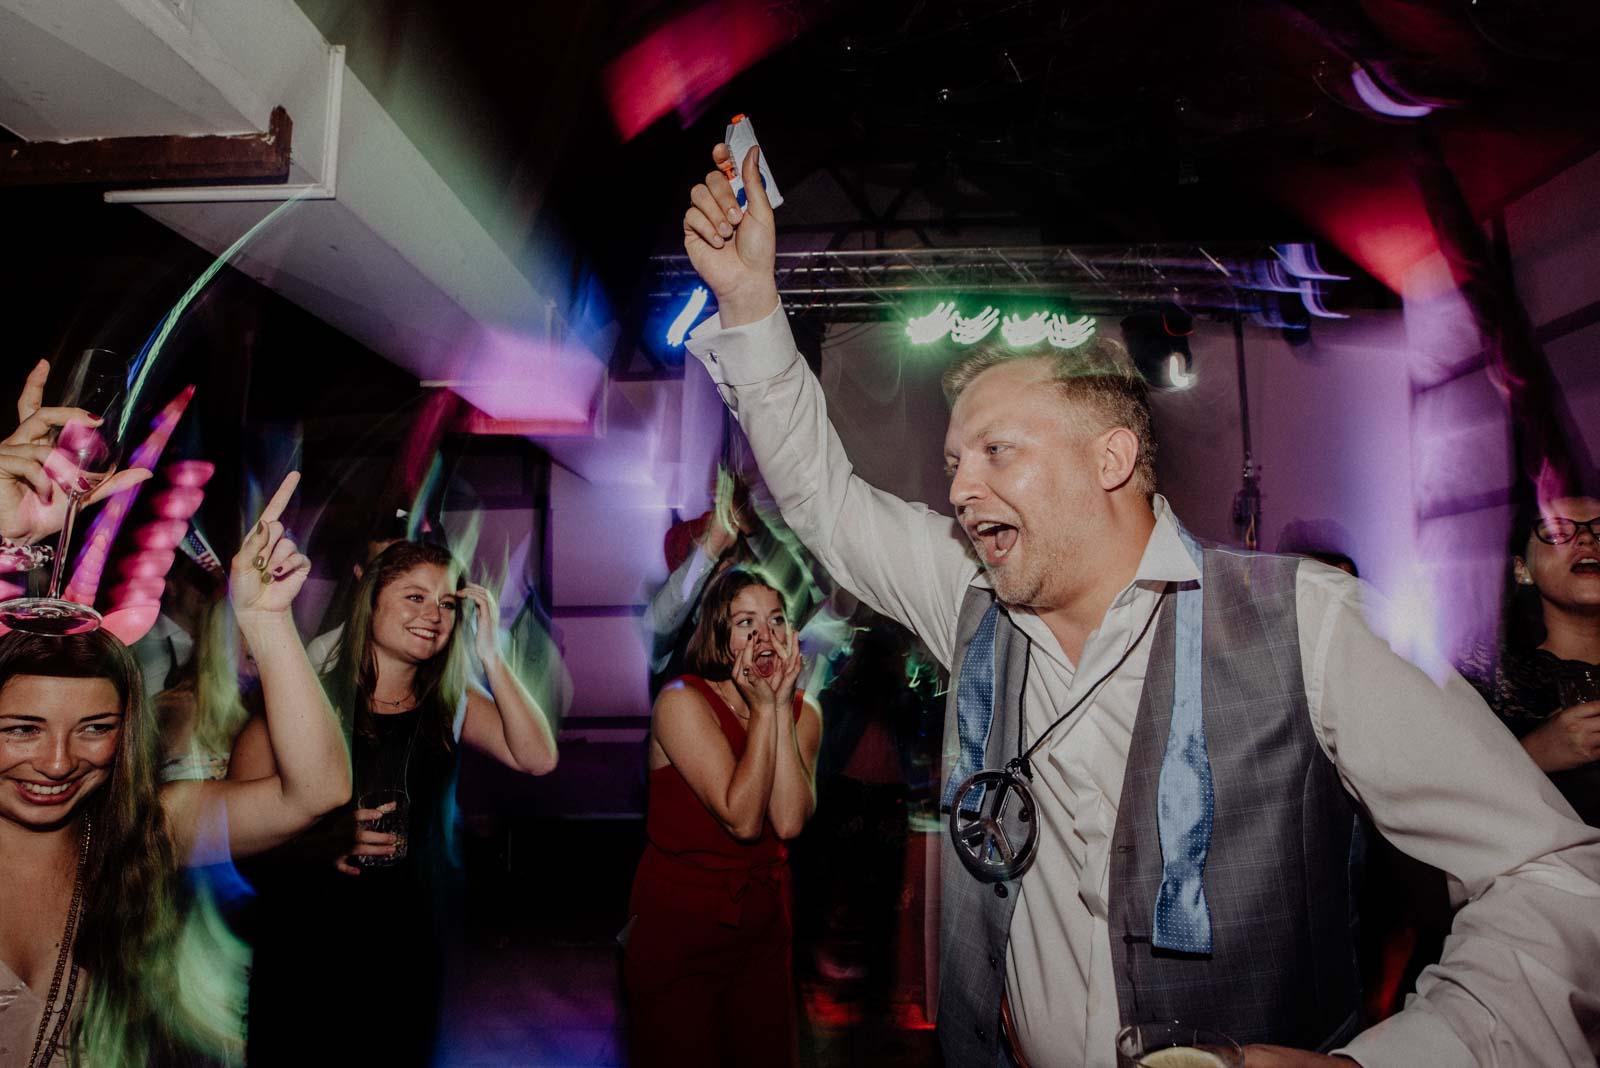 Hochzeitsfotograf Witten Blitzbilder und Partybilder Hochzeit